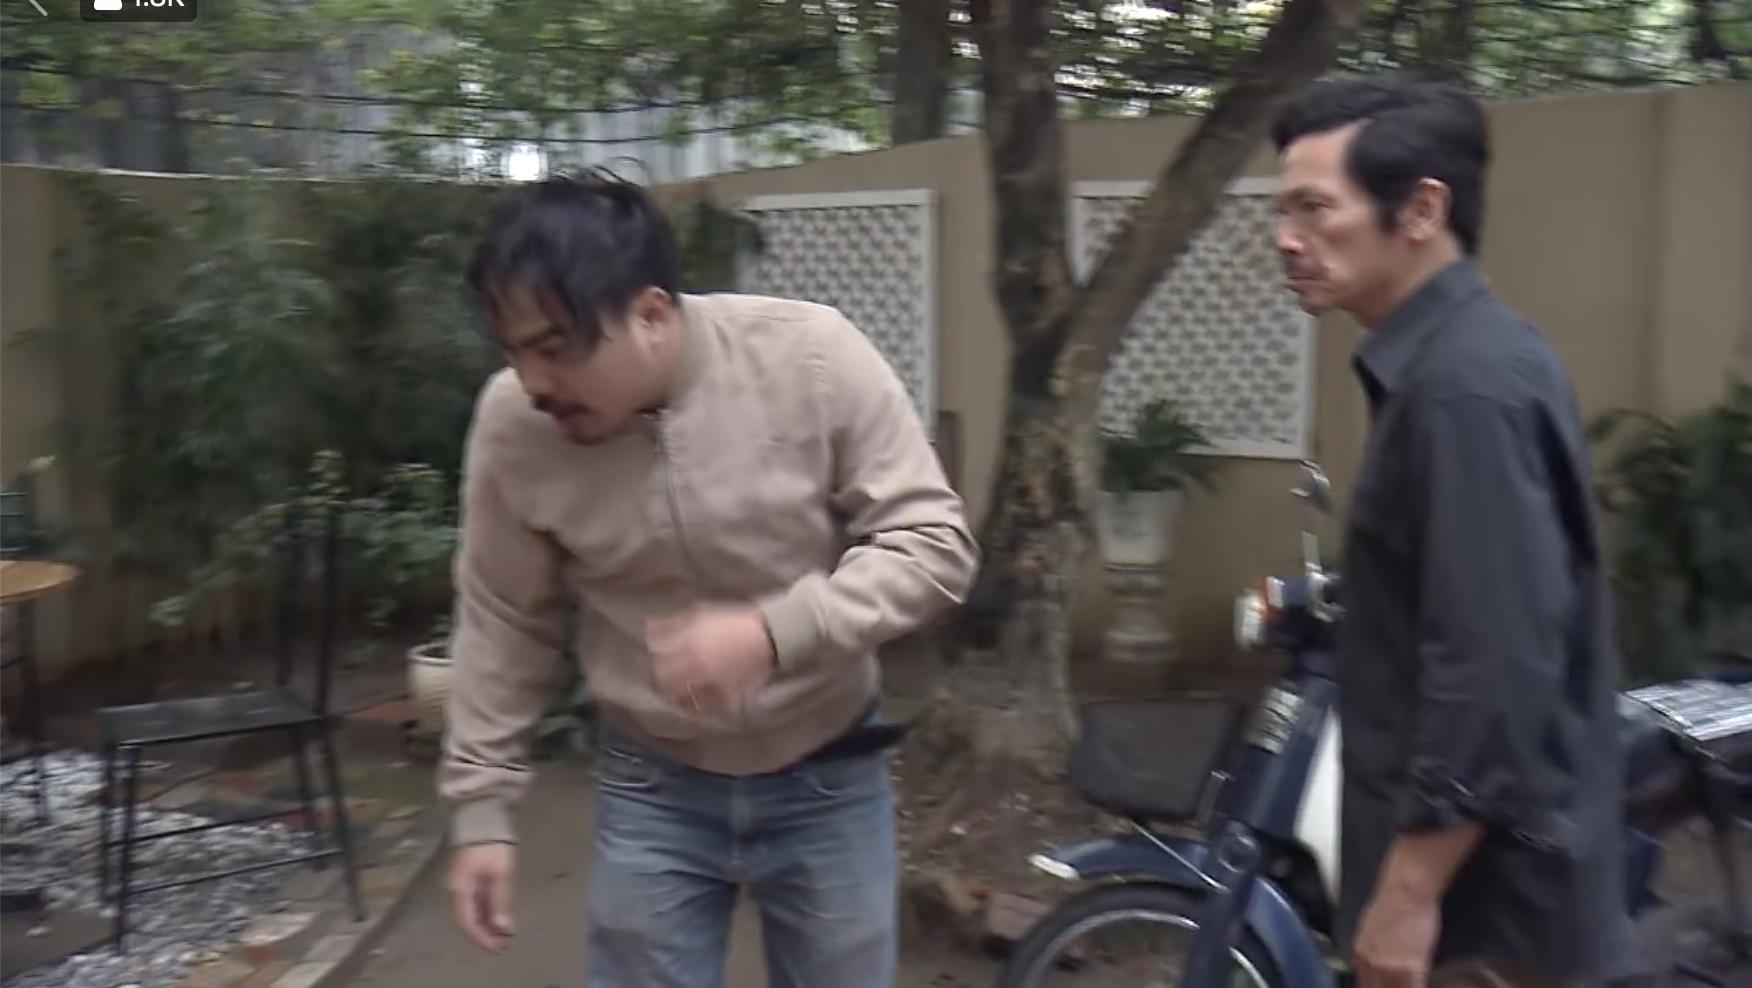 """""""Về nhà đi con"""" tập 41: Bị ông Sơn đánh chưa đủ, Khải còn bị Uyên báo công an bắt vì tội đột nhập nhà gây rối - Ảnh 8."""